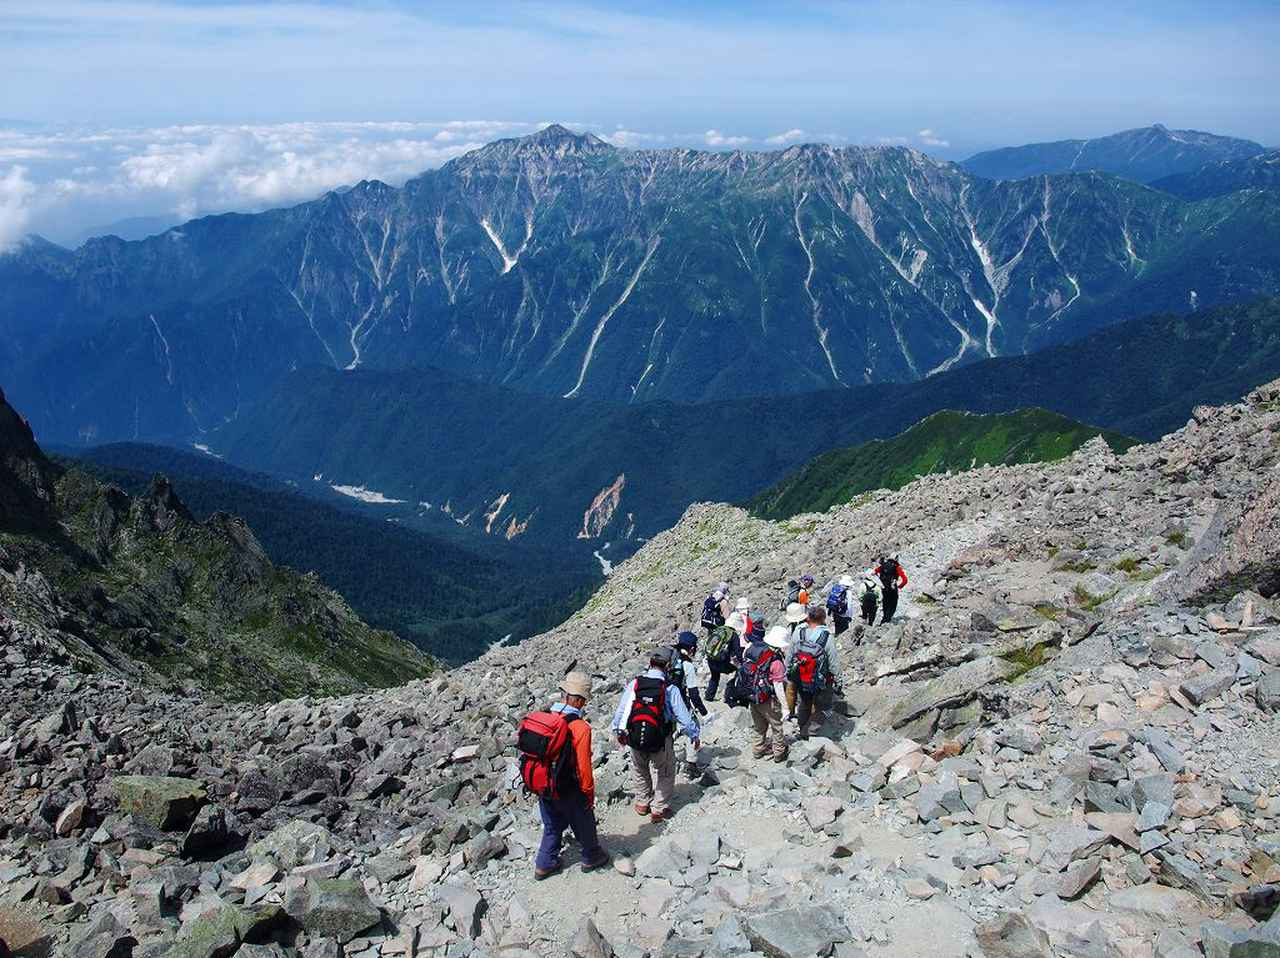 画像: 標高差のあるルートは登山が厳しくなります